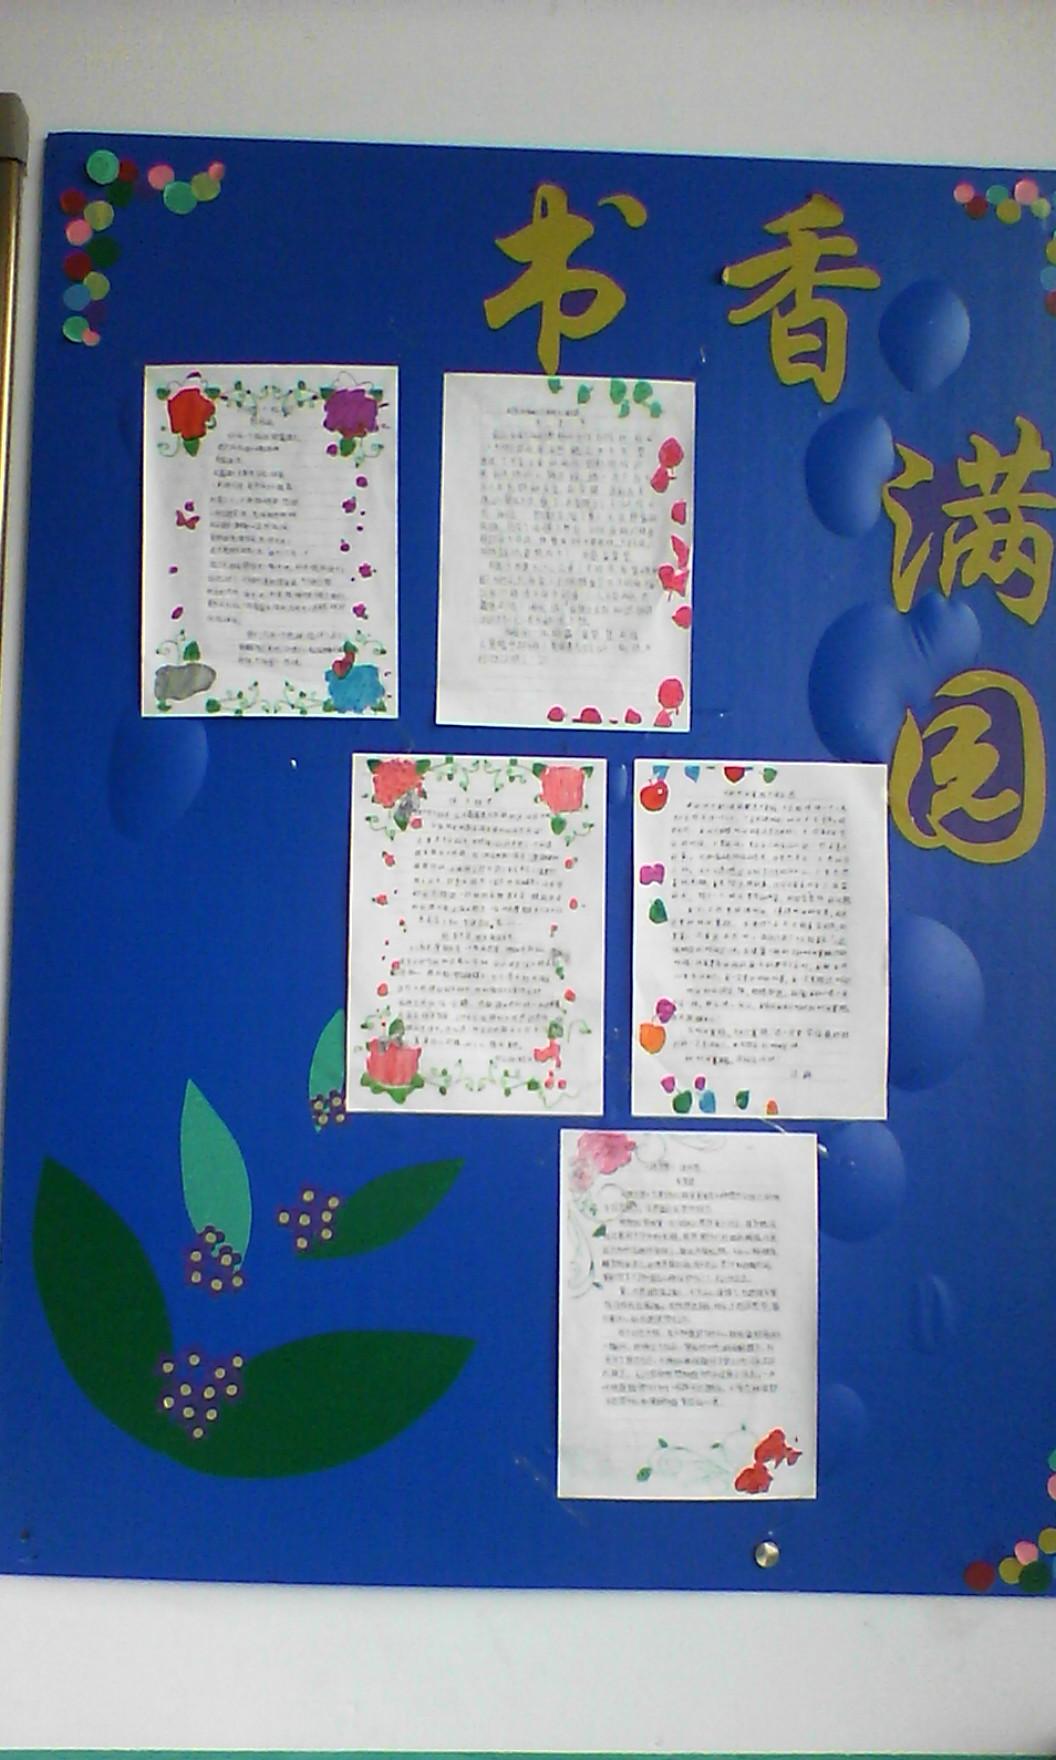 青坨营中心小学班级文化